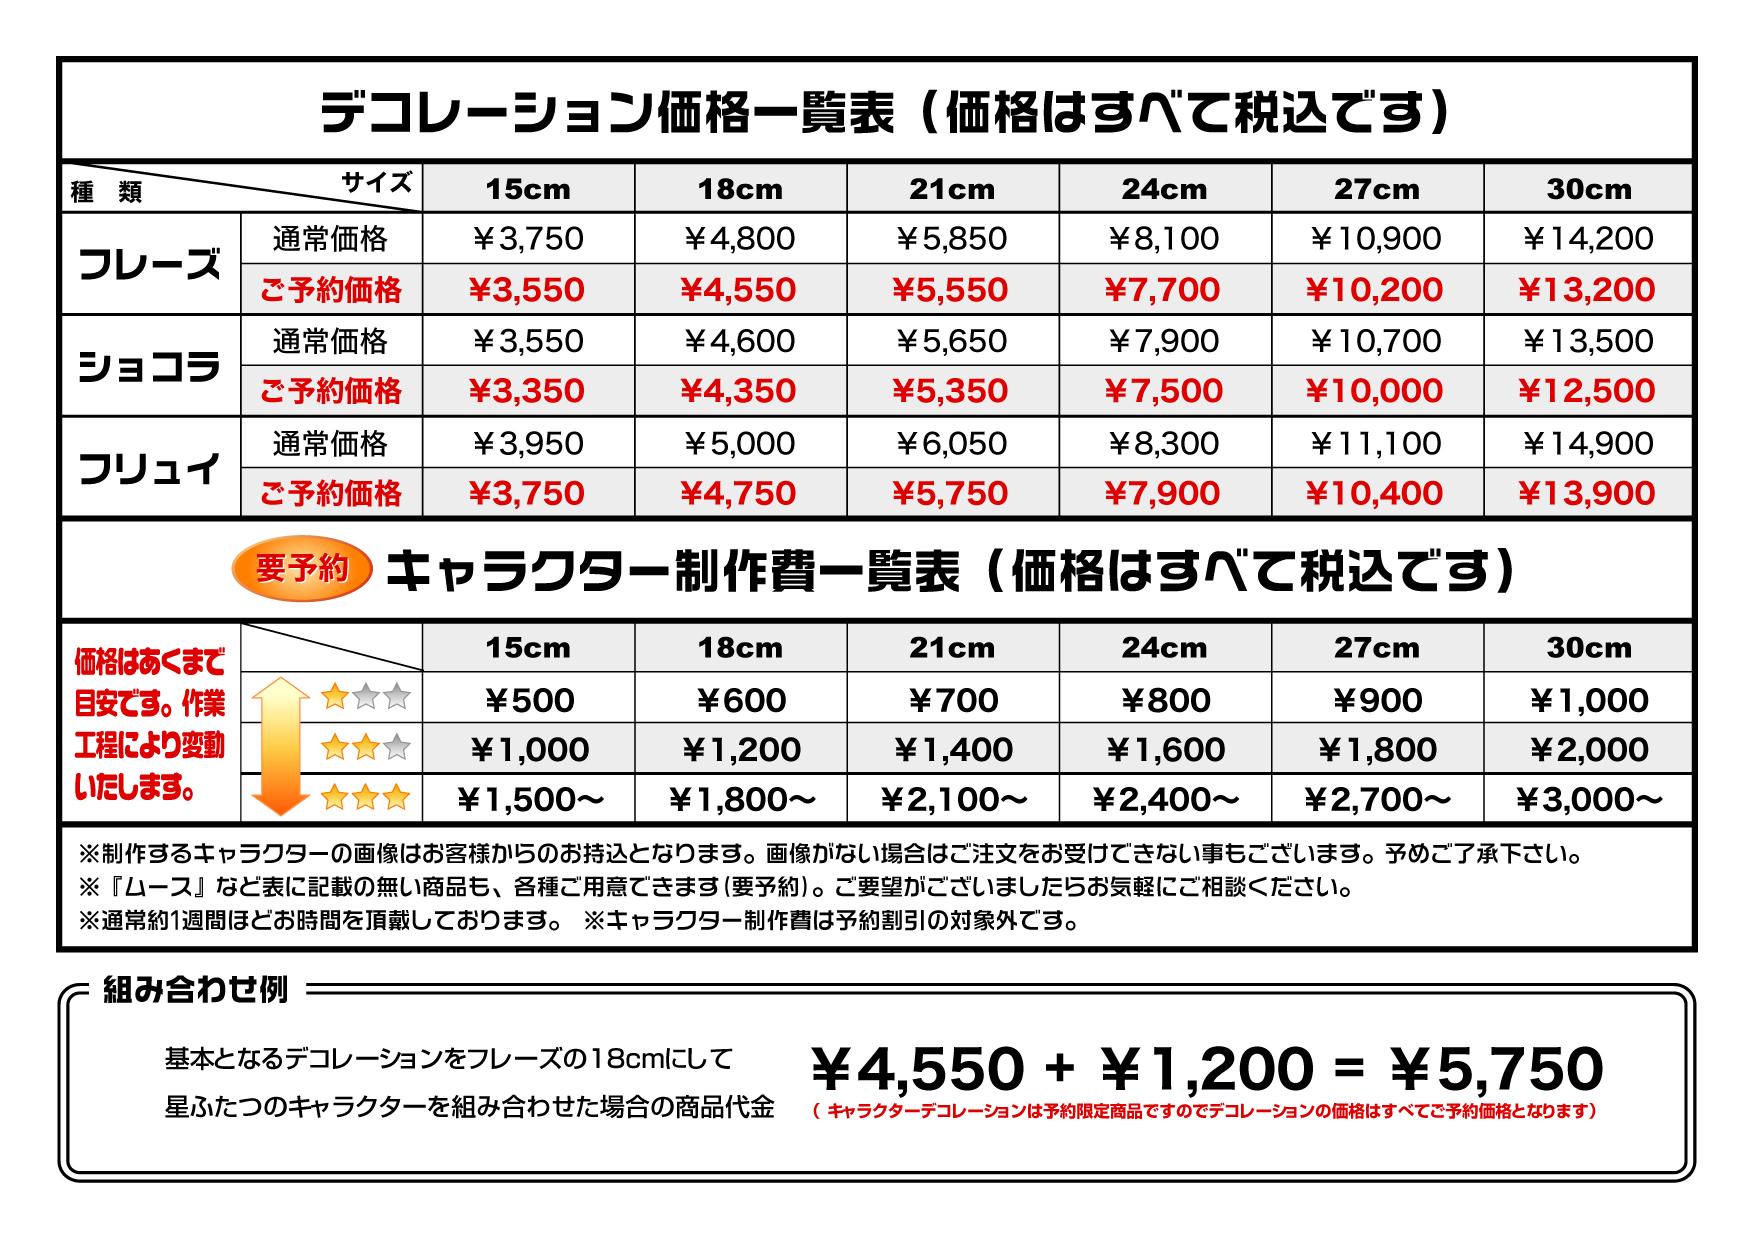 キャラクターデコレーション価格一覧表バナー